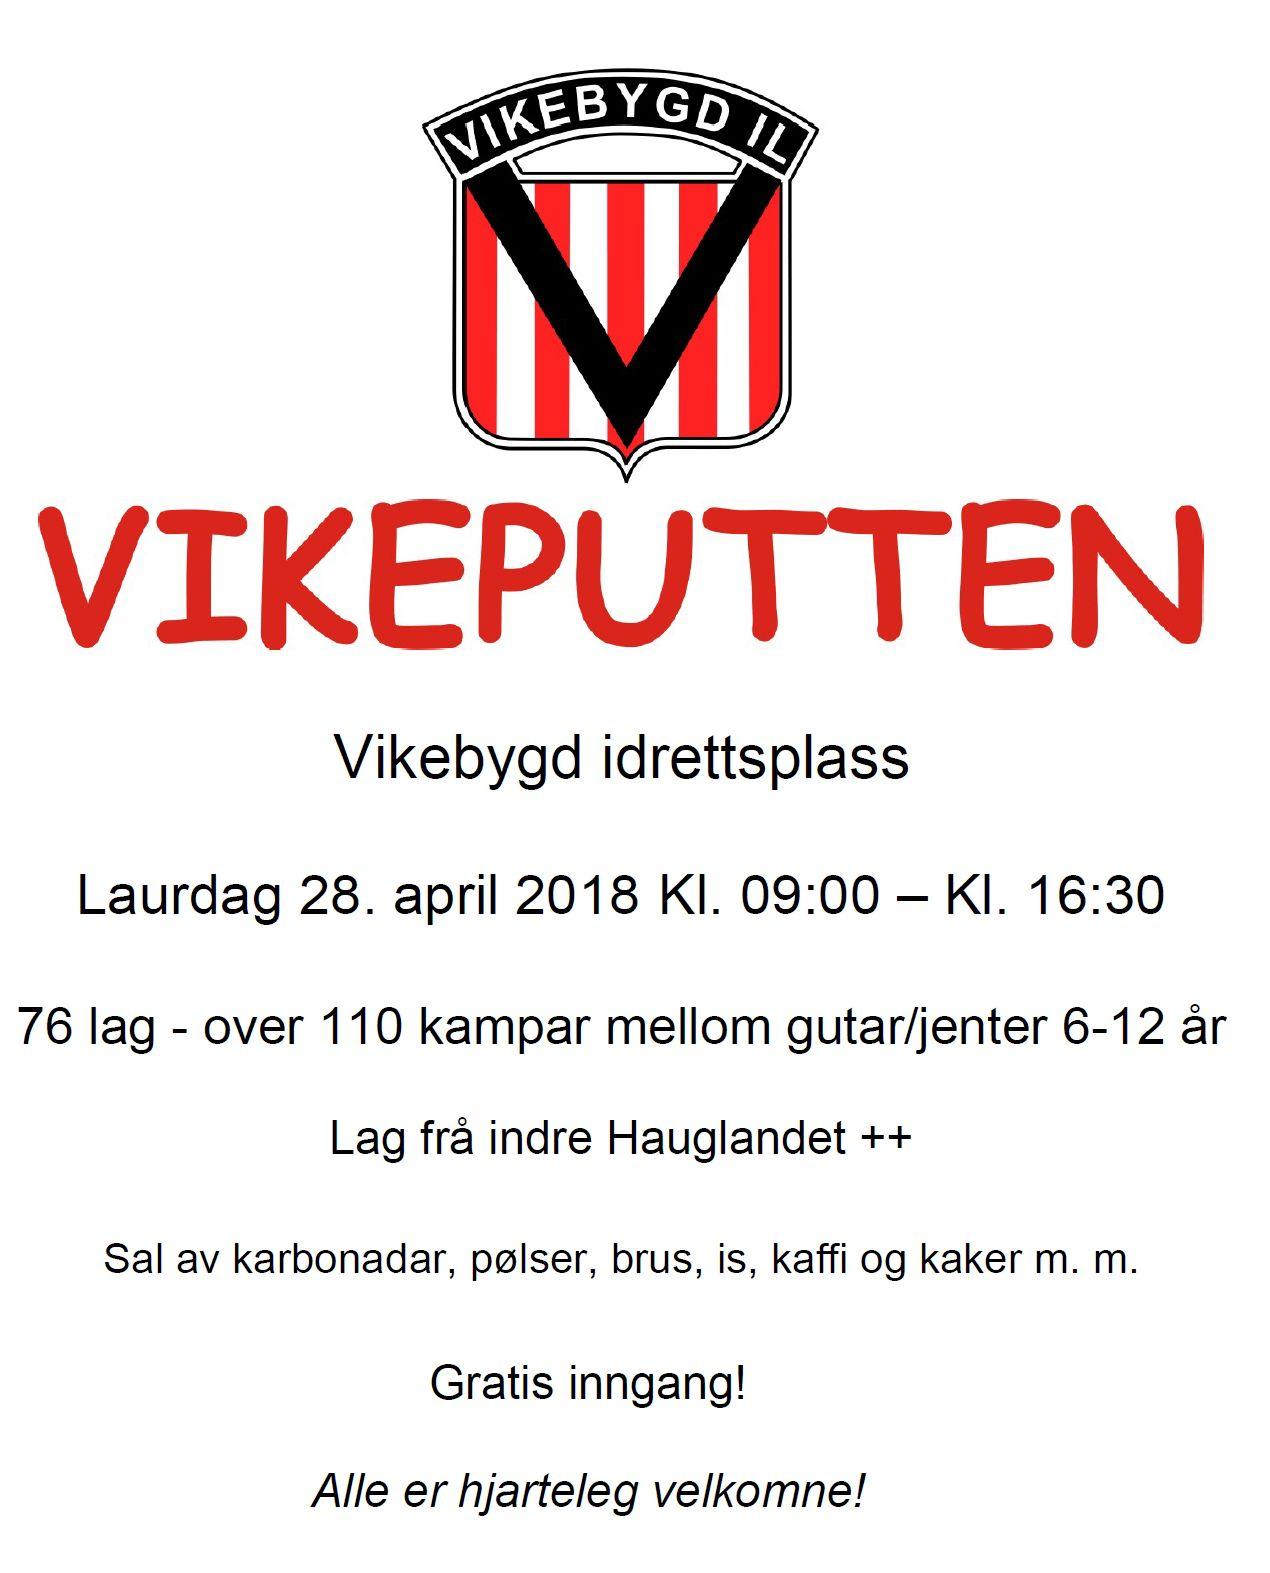 Velkommen til Vikeputten på Vikebygd stadion, 28. april kl. 09:00 - 16:30.